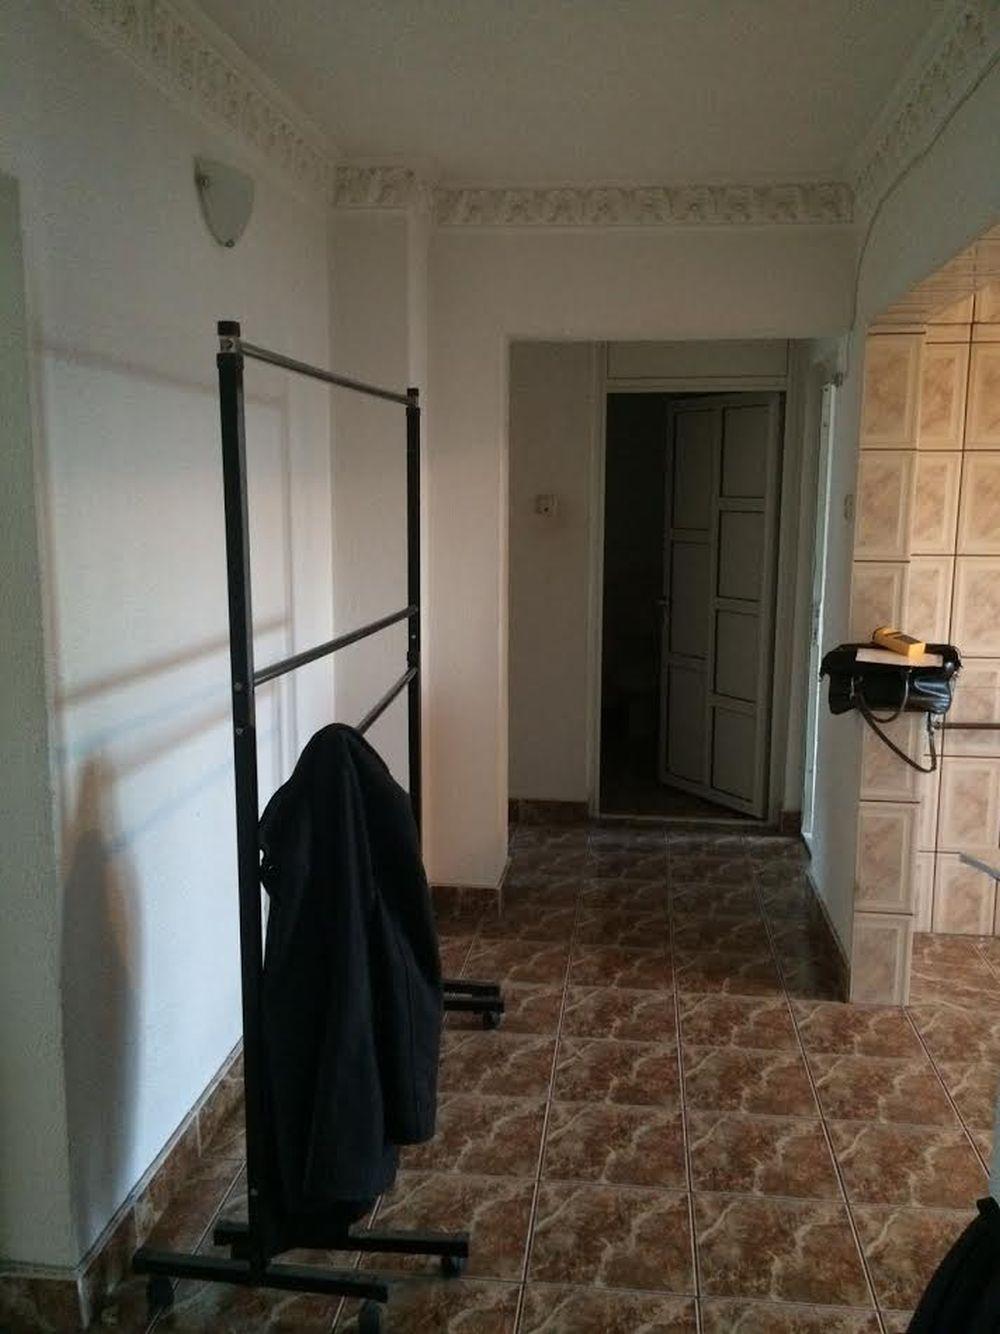 adelaparvu-com-despre-apartament-3-camere-bucuresti-reamenajat-poze-inainte-6